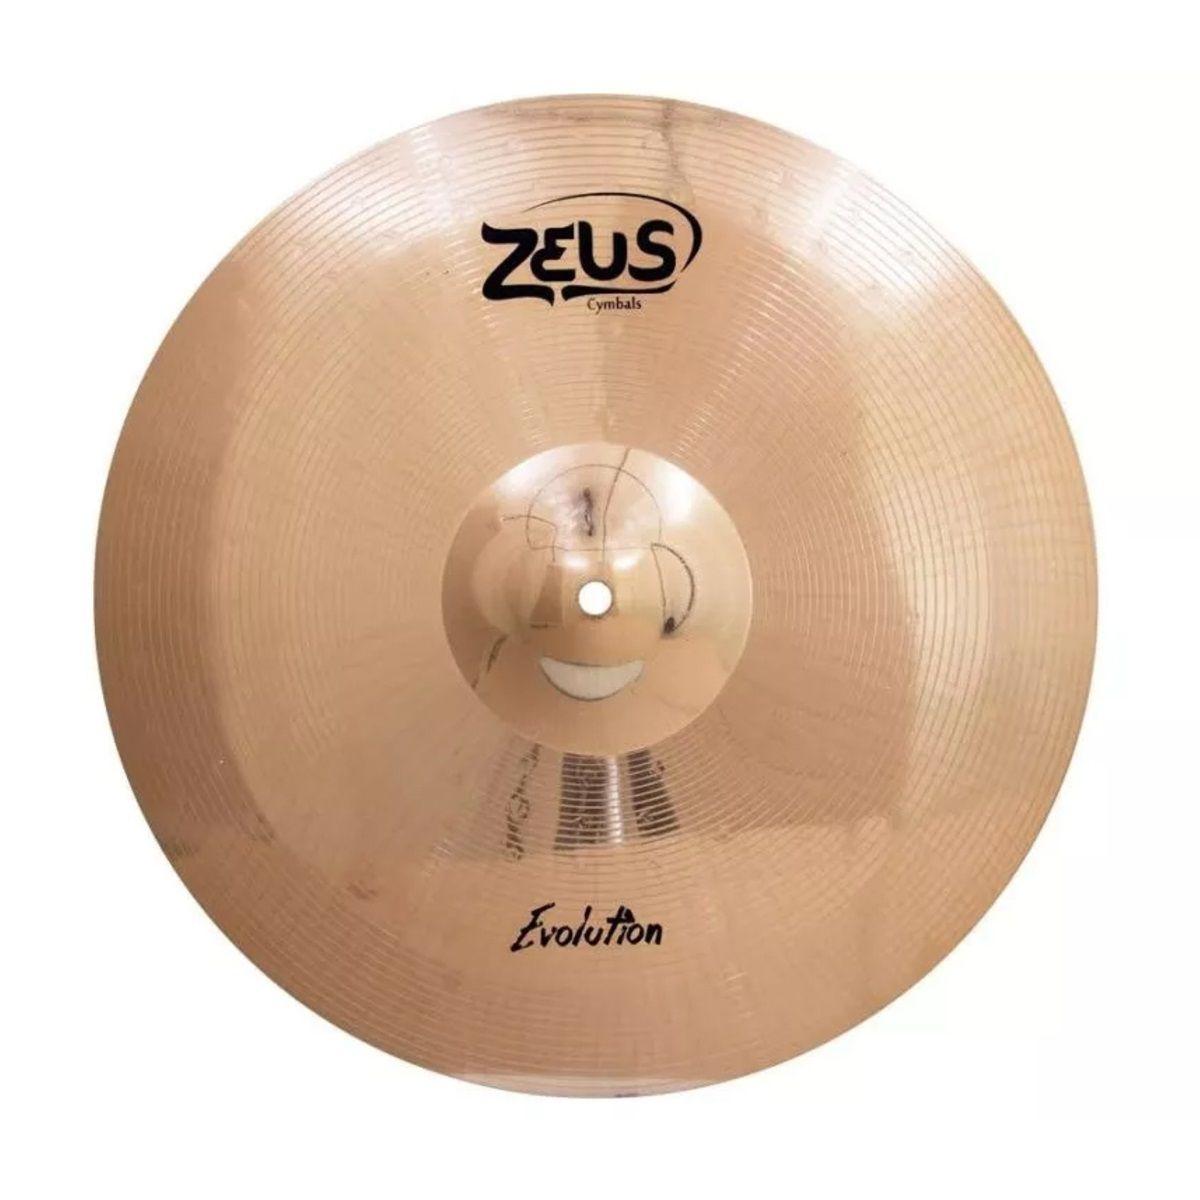 Prato Zeus Evolution Crash 18 Zevc18 Liga B10